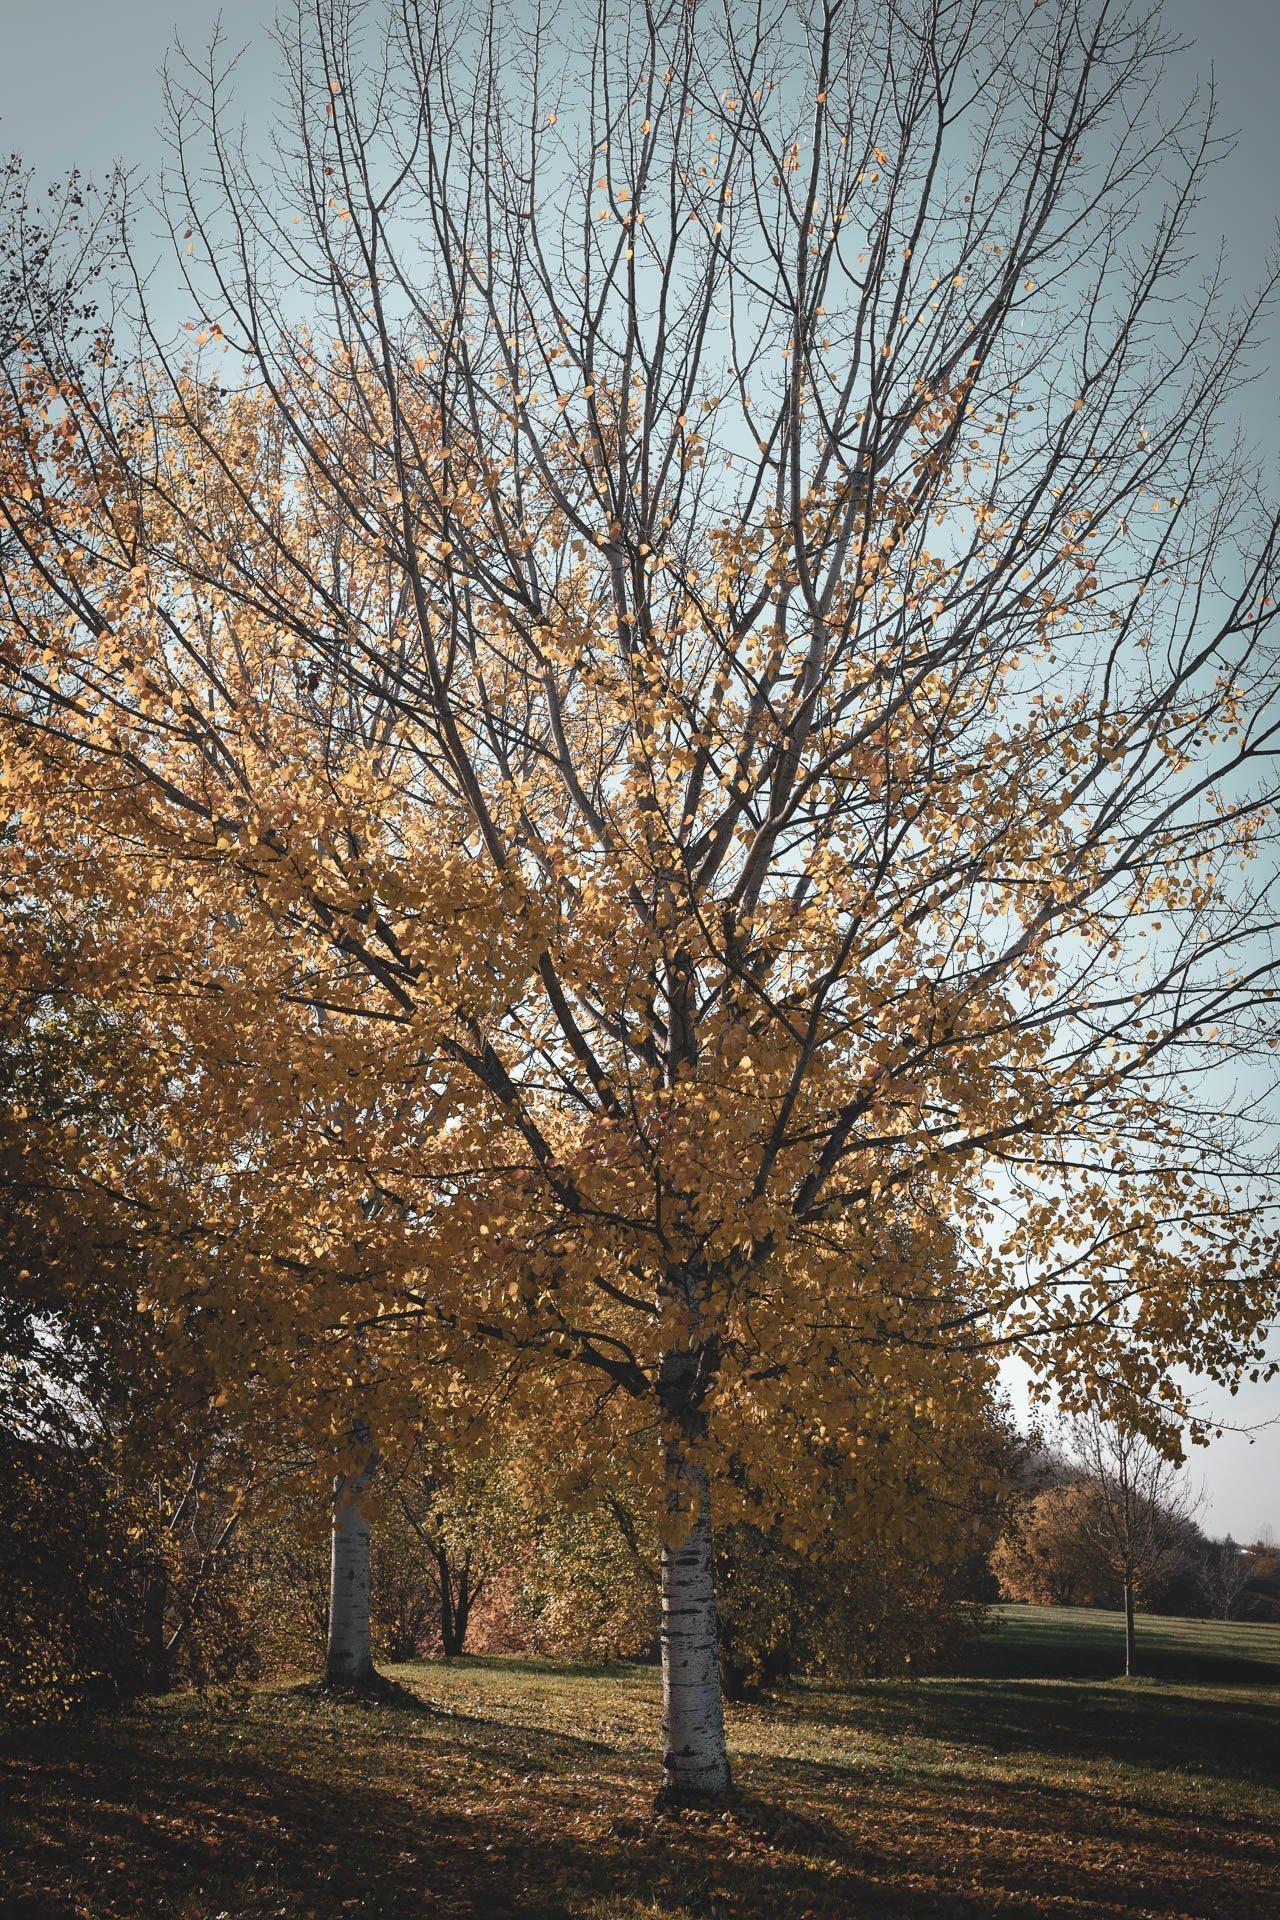 Herbstliche Eindrücke